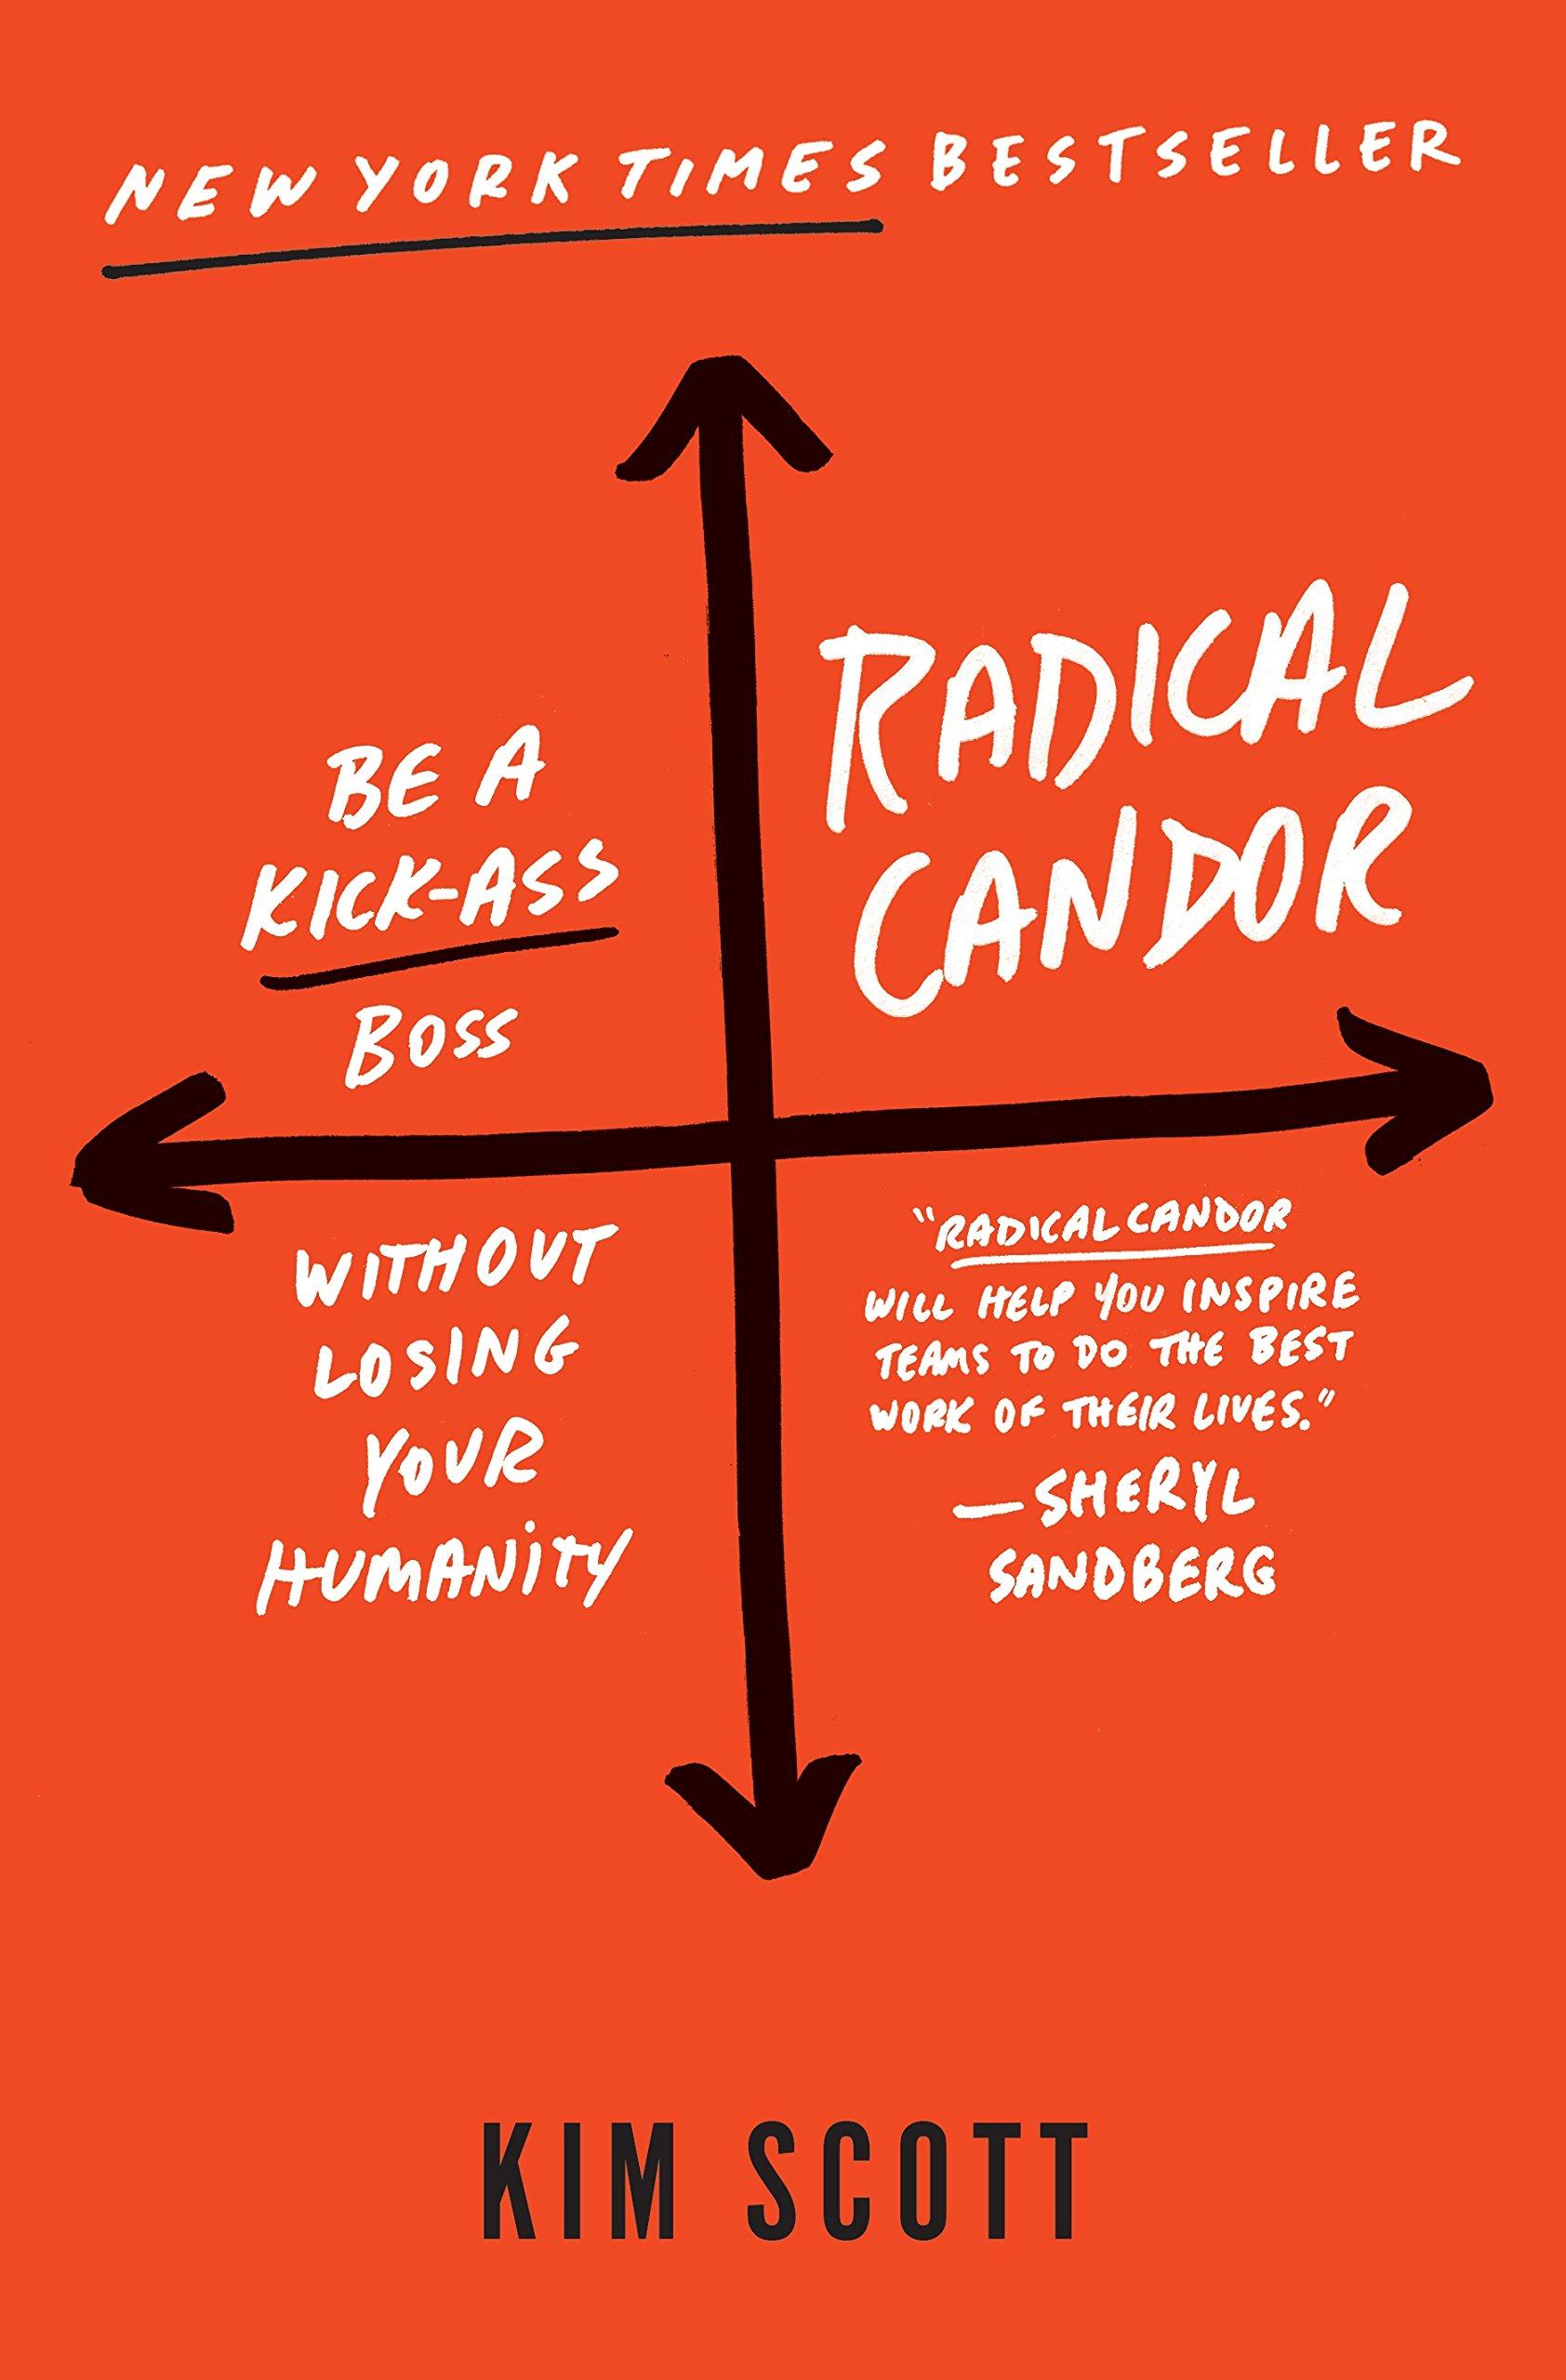 シリコンバレー発。企業を成長させる最良のマネジメントは「徹底した率直さ」 Radical Candor